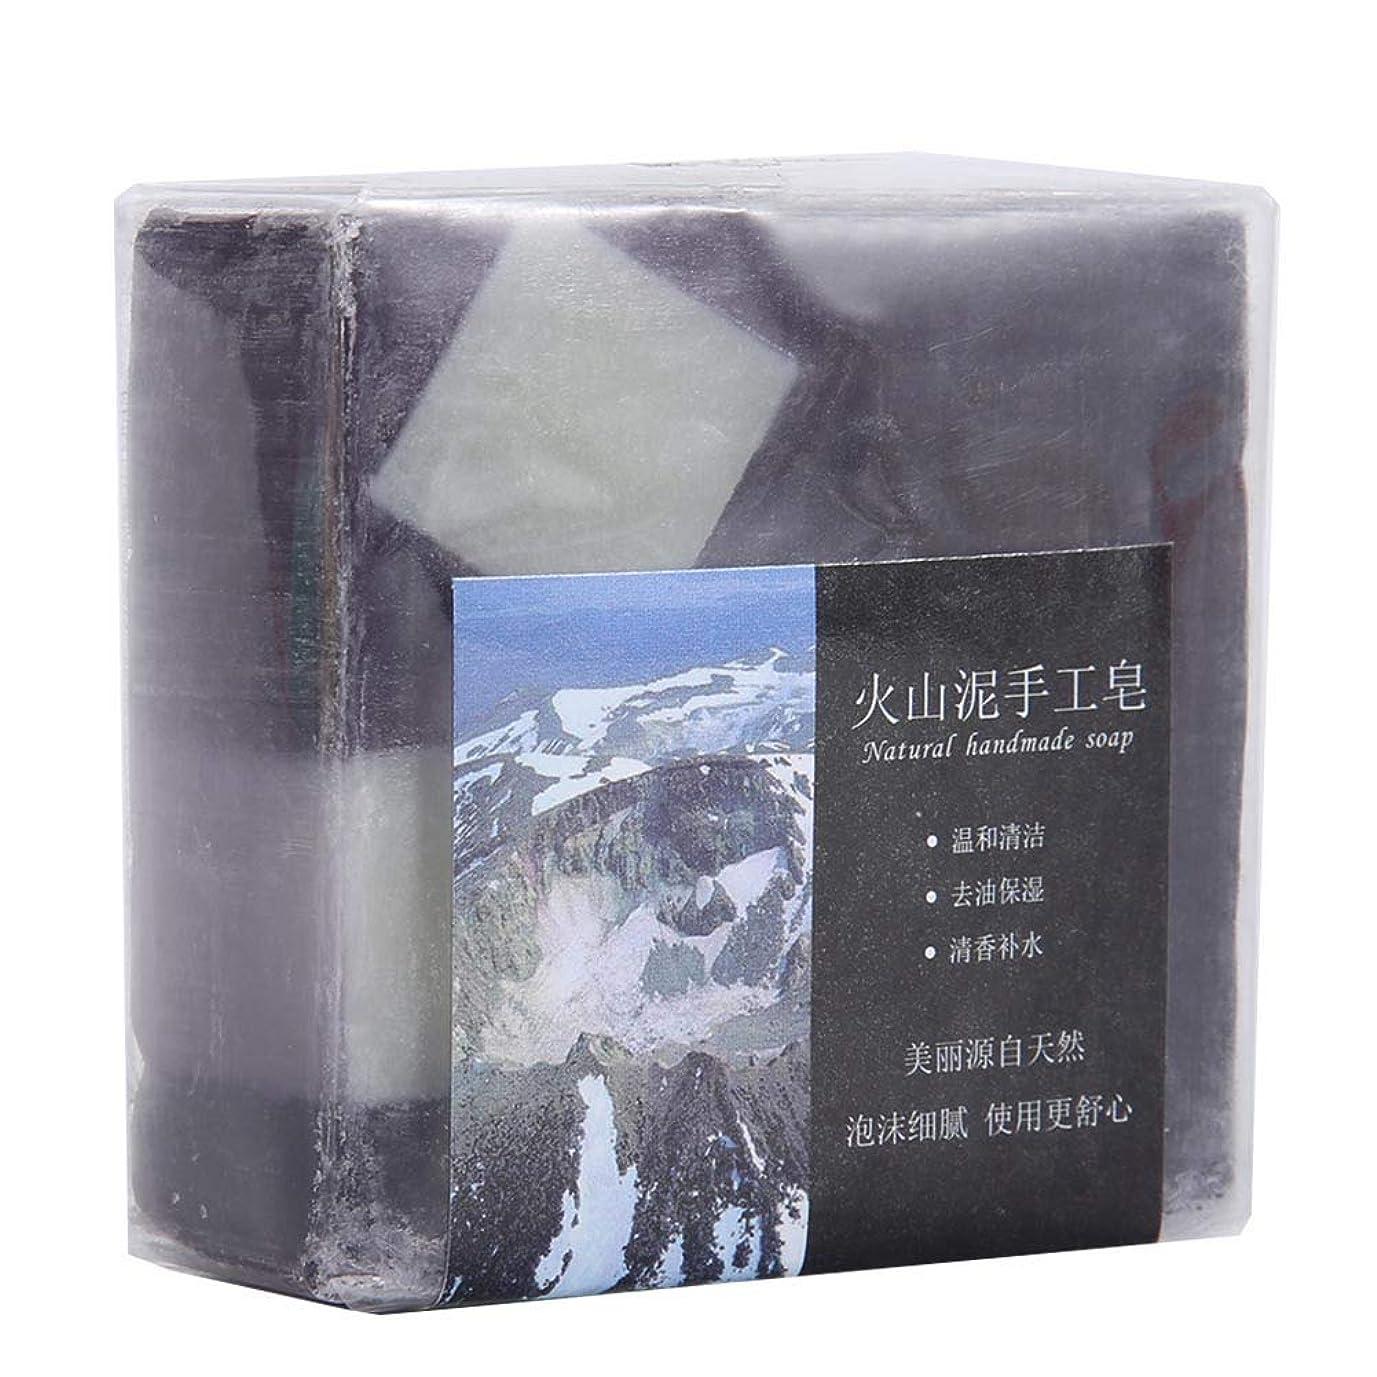 サービス意識的土地ディープクリーニング 火山泥 ハンドメイドグリース 保湿石鹸用 100 G 手作り石鹸